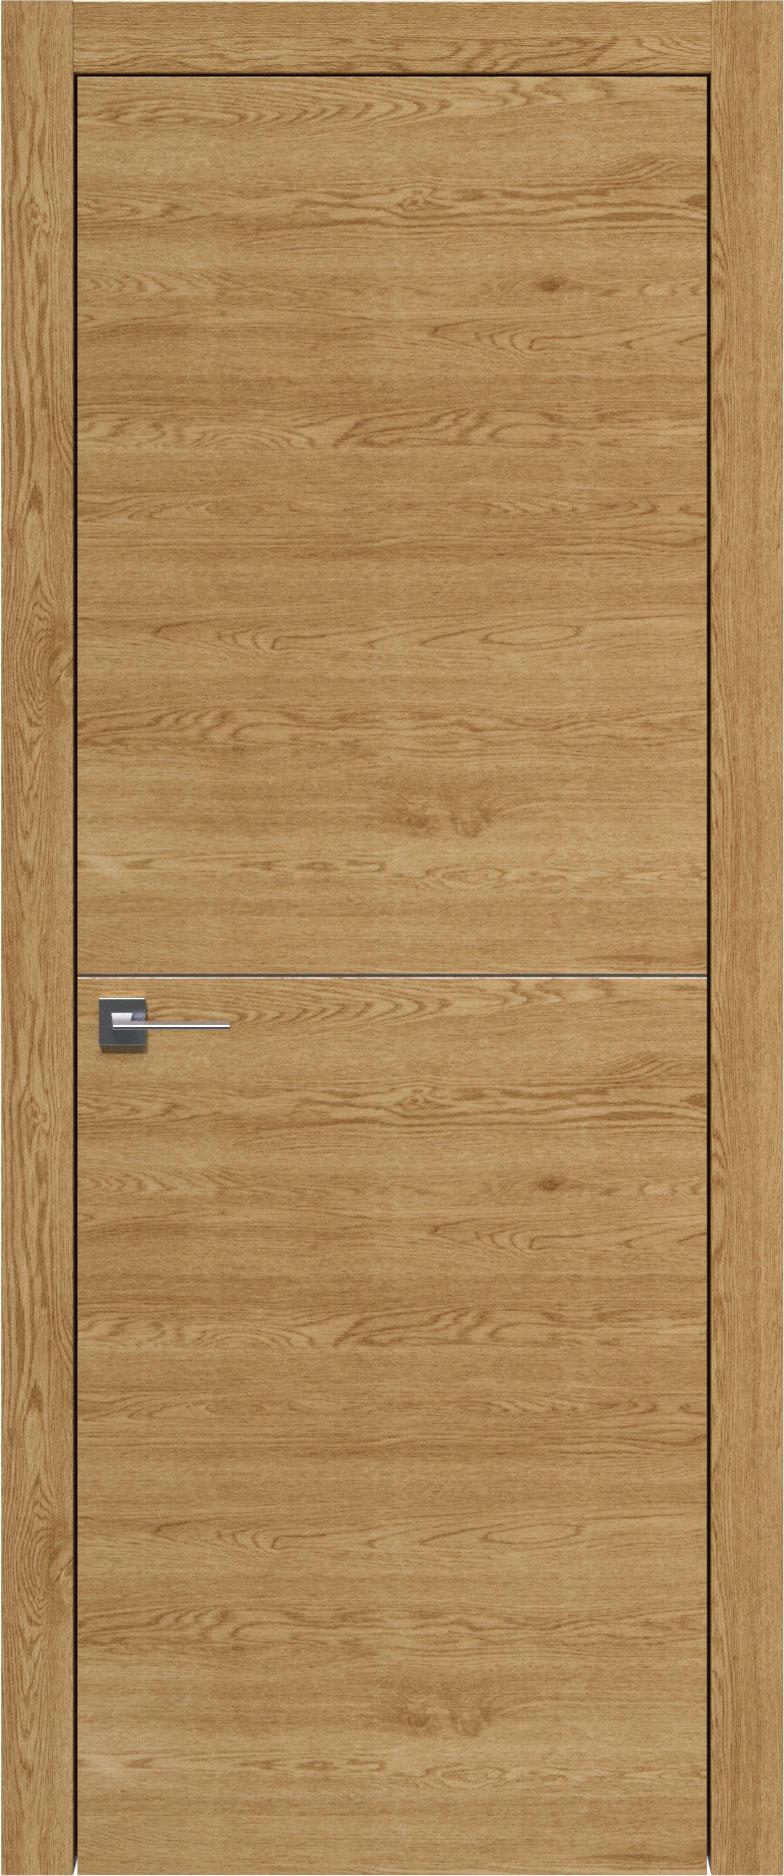 Tivoli Б-2 цвет - Дуб натуральный Без стекла (ДГ)